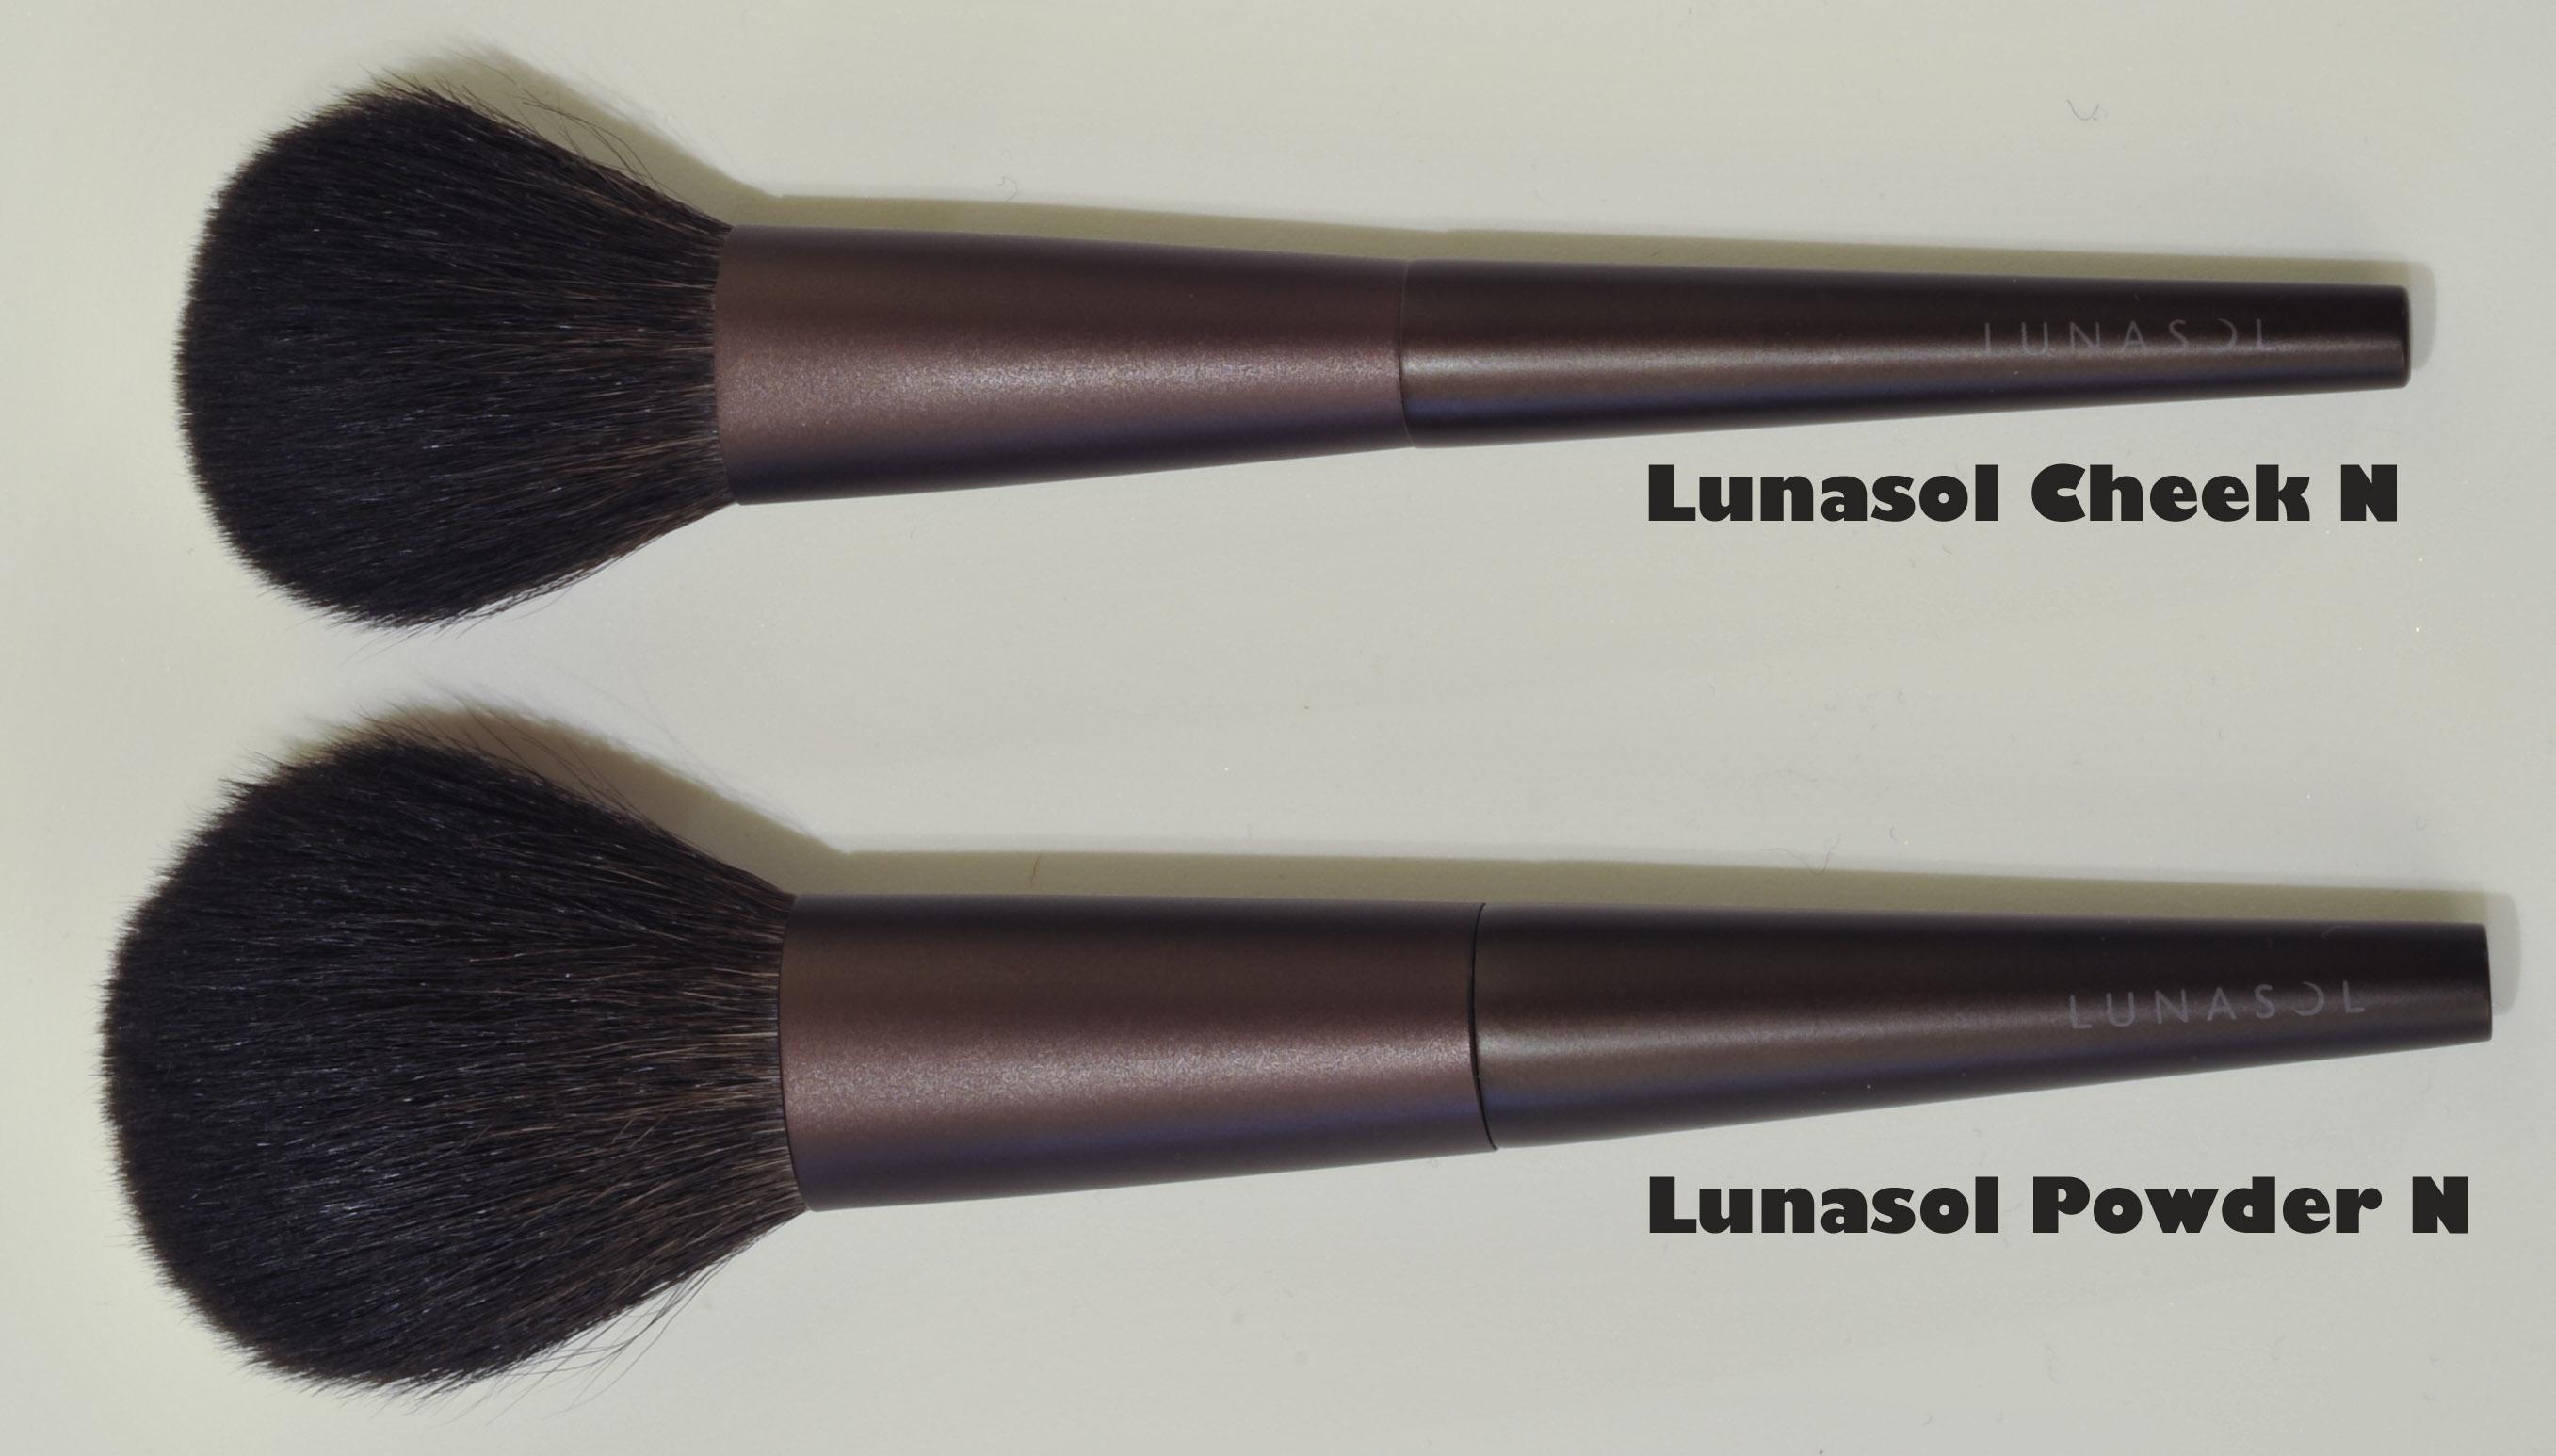 Lunasolcheekandpowder